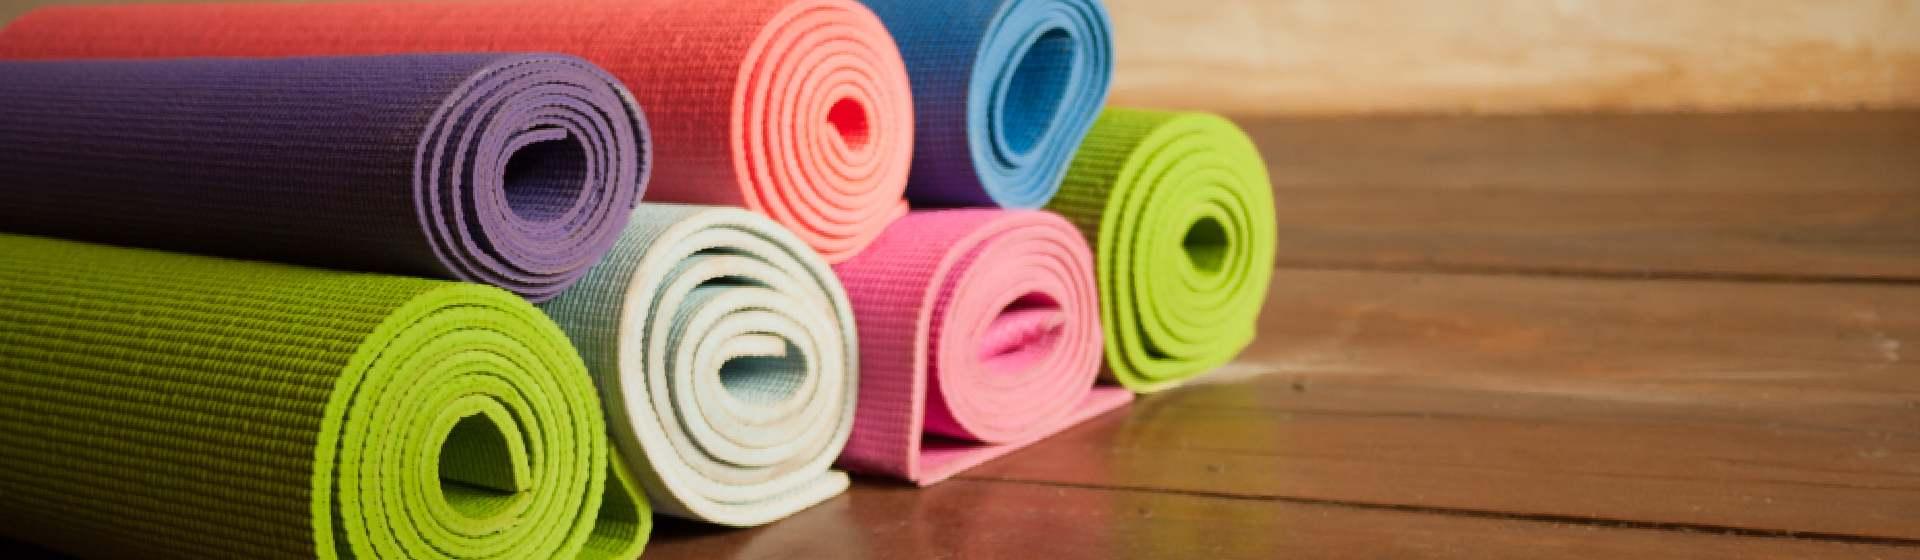 Tapete de yoga: como escolher o melhor?